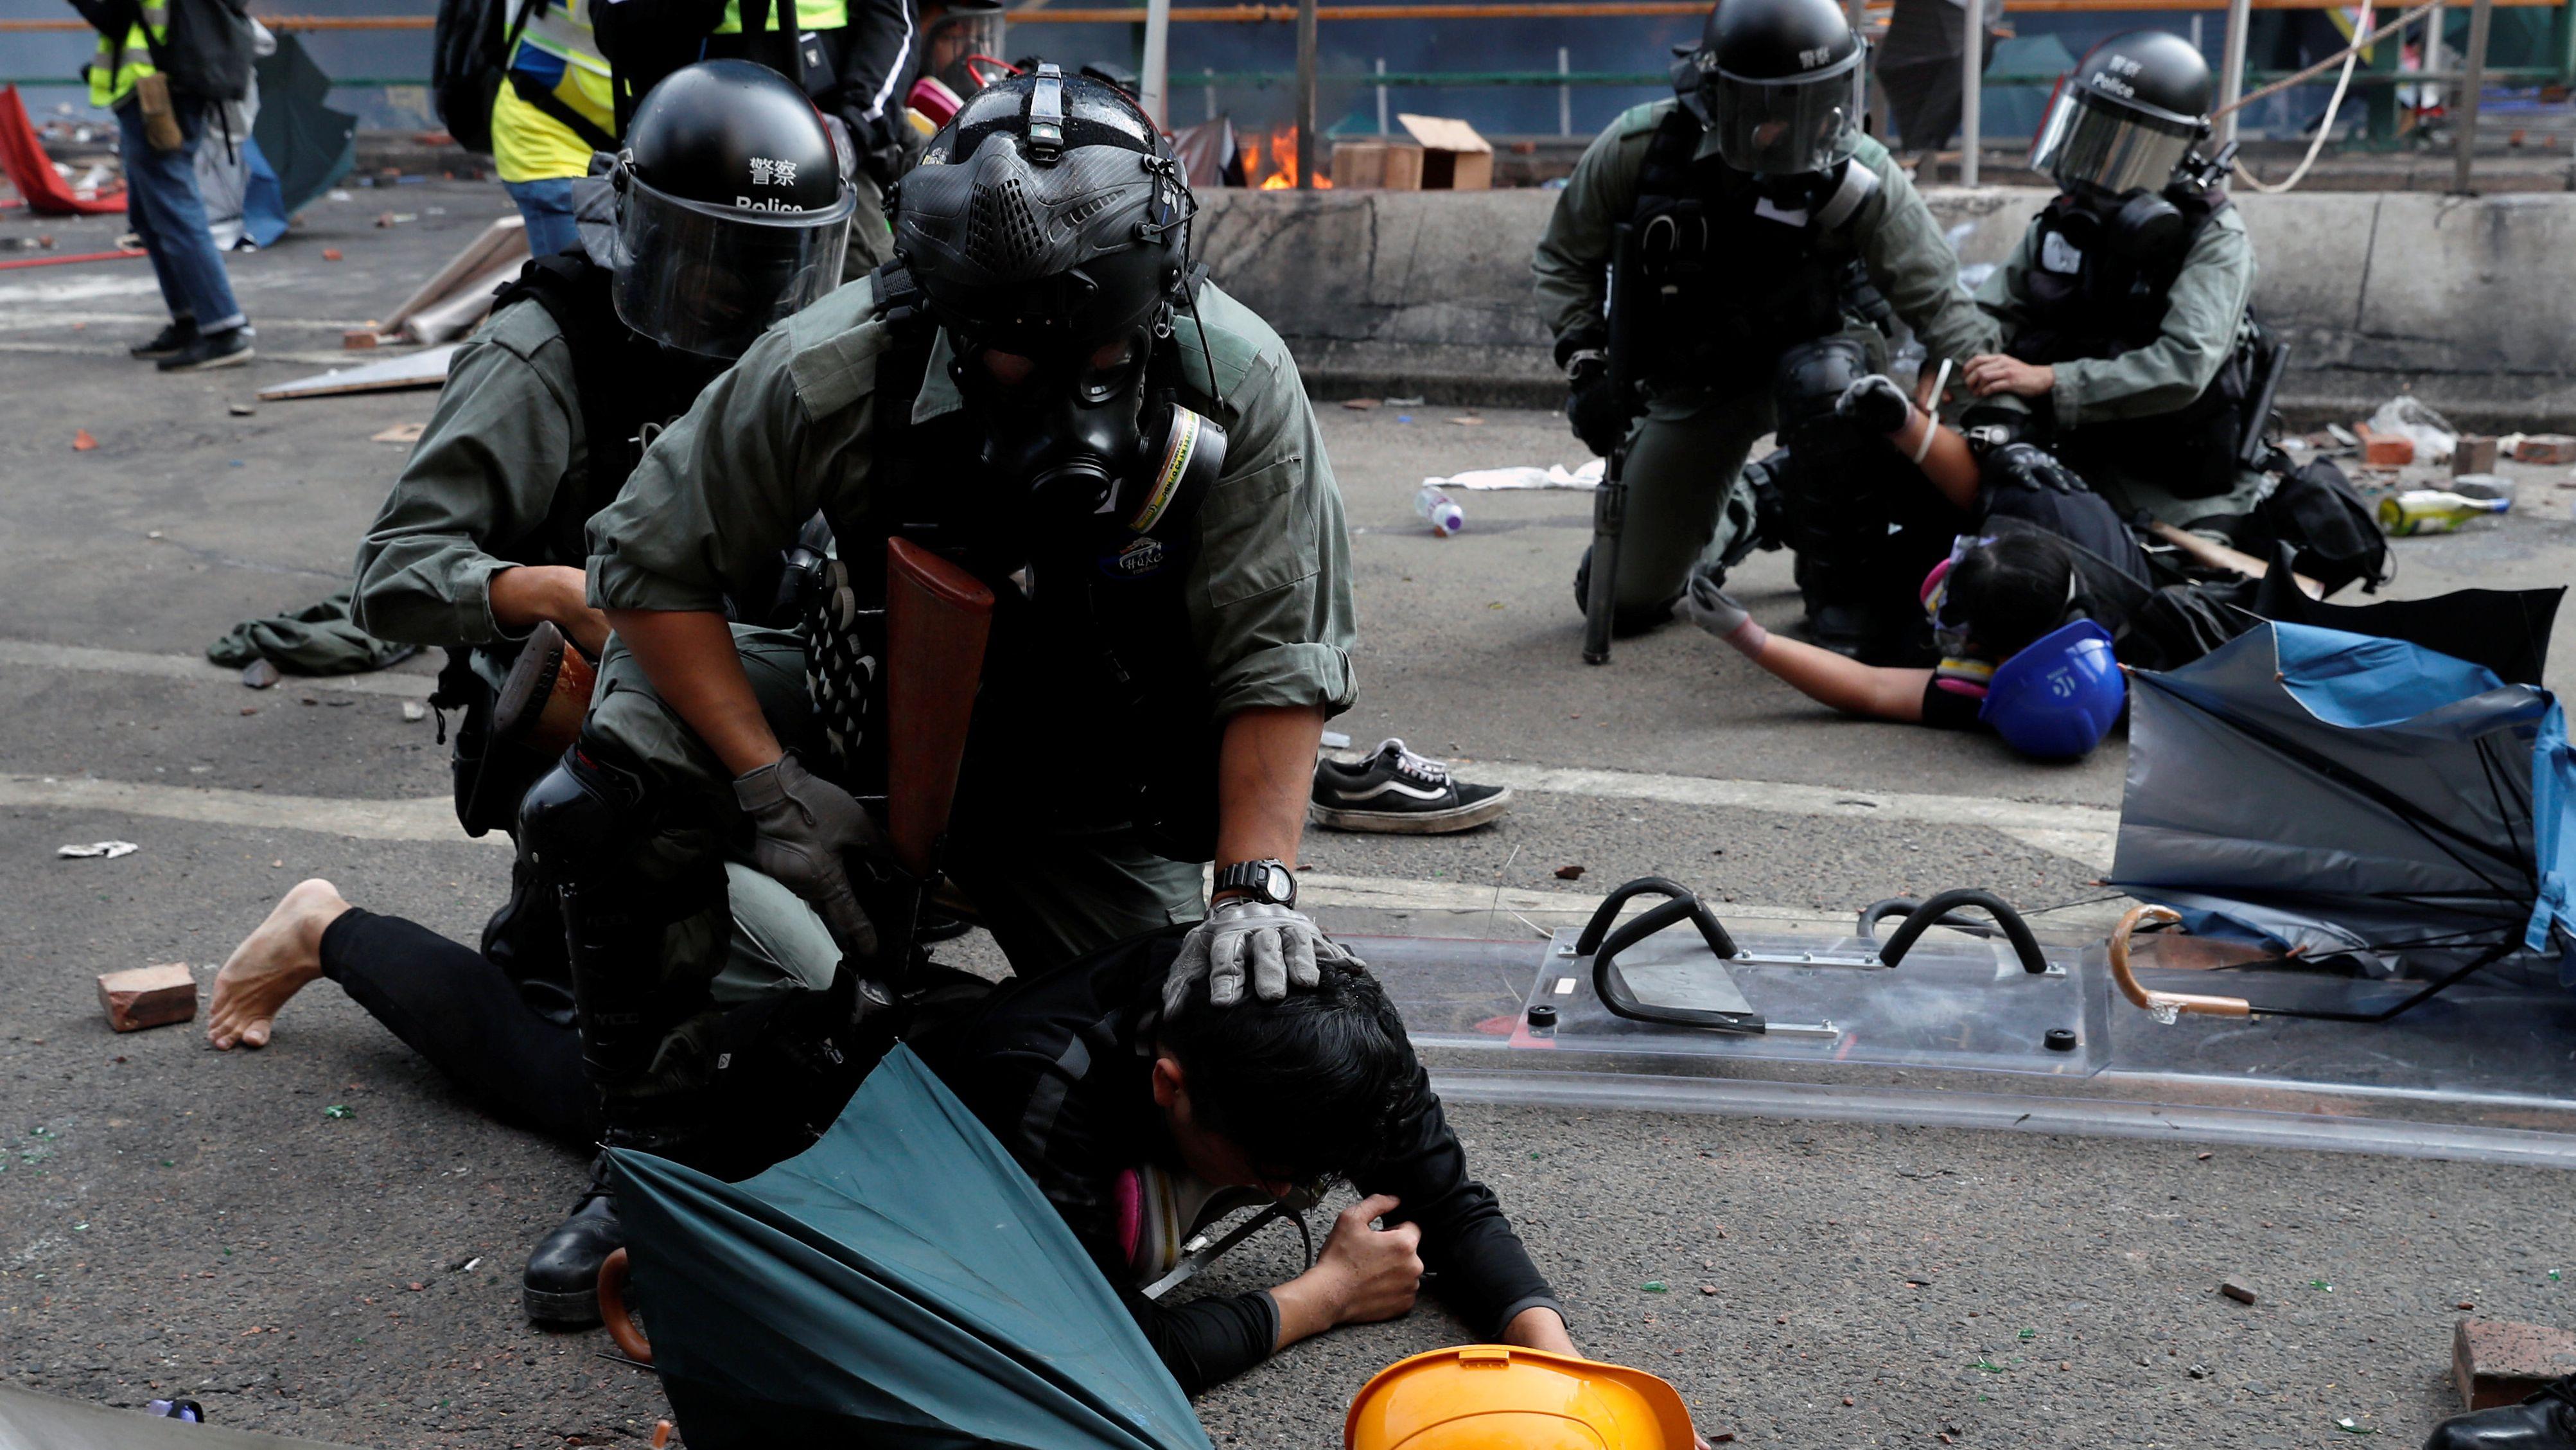 Straßenschlachten in Hongkong